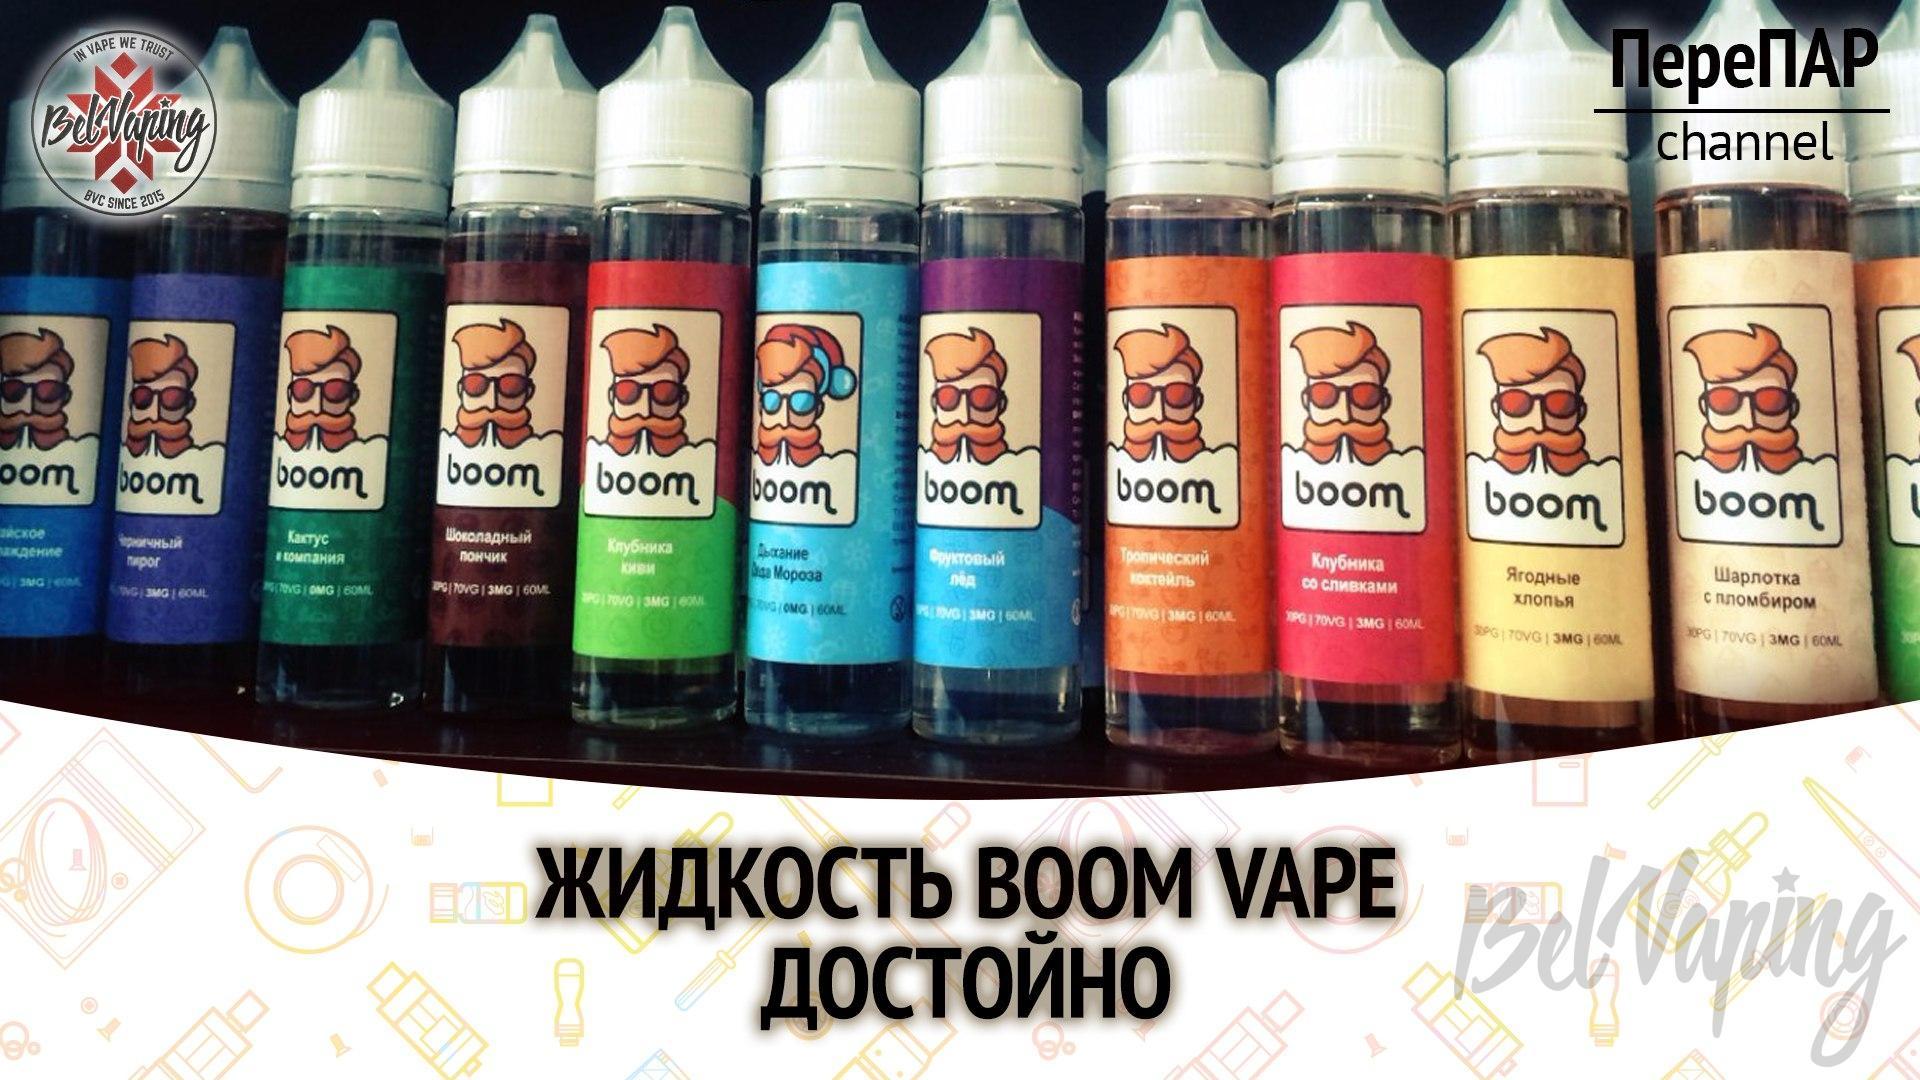 Жидкость Boom Vape